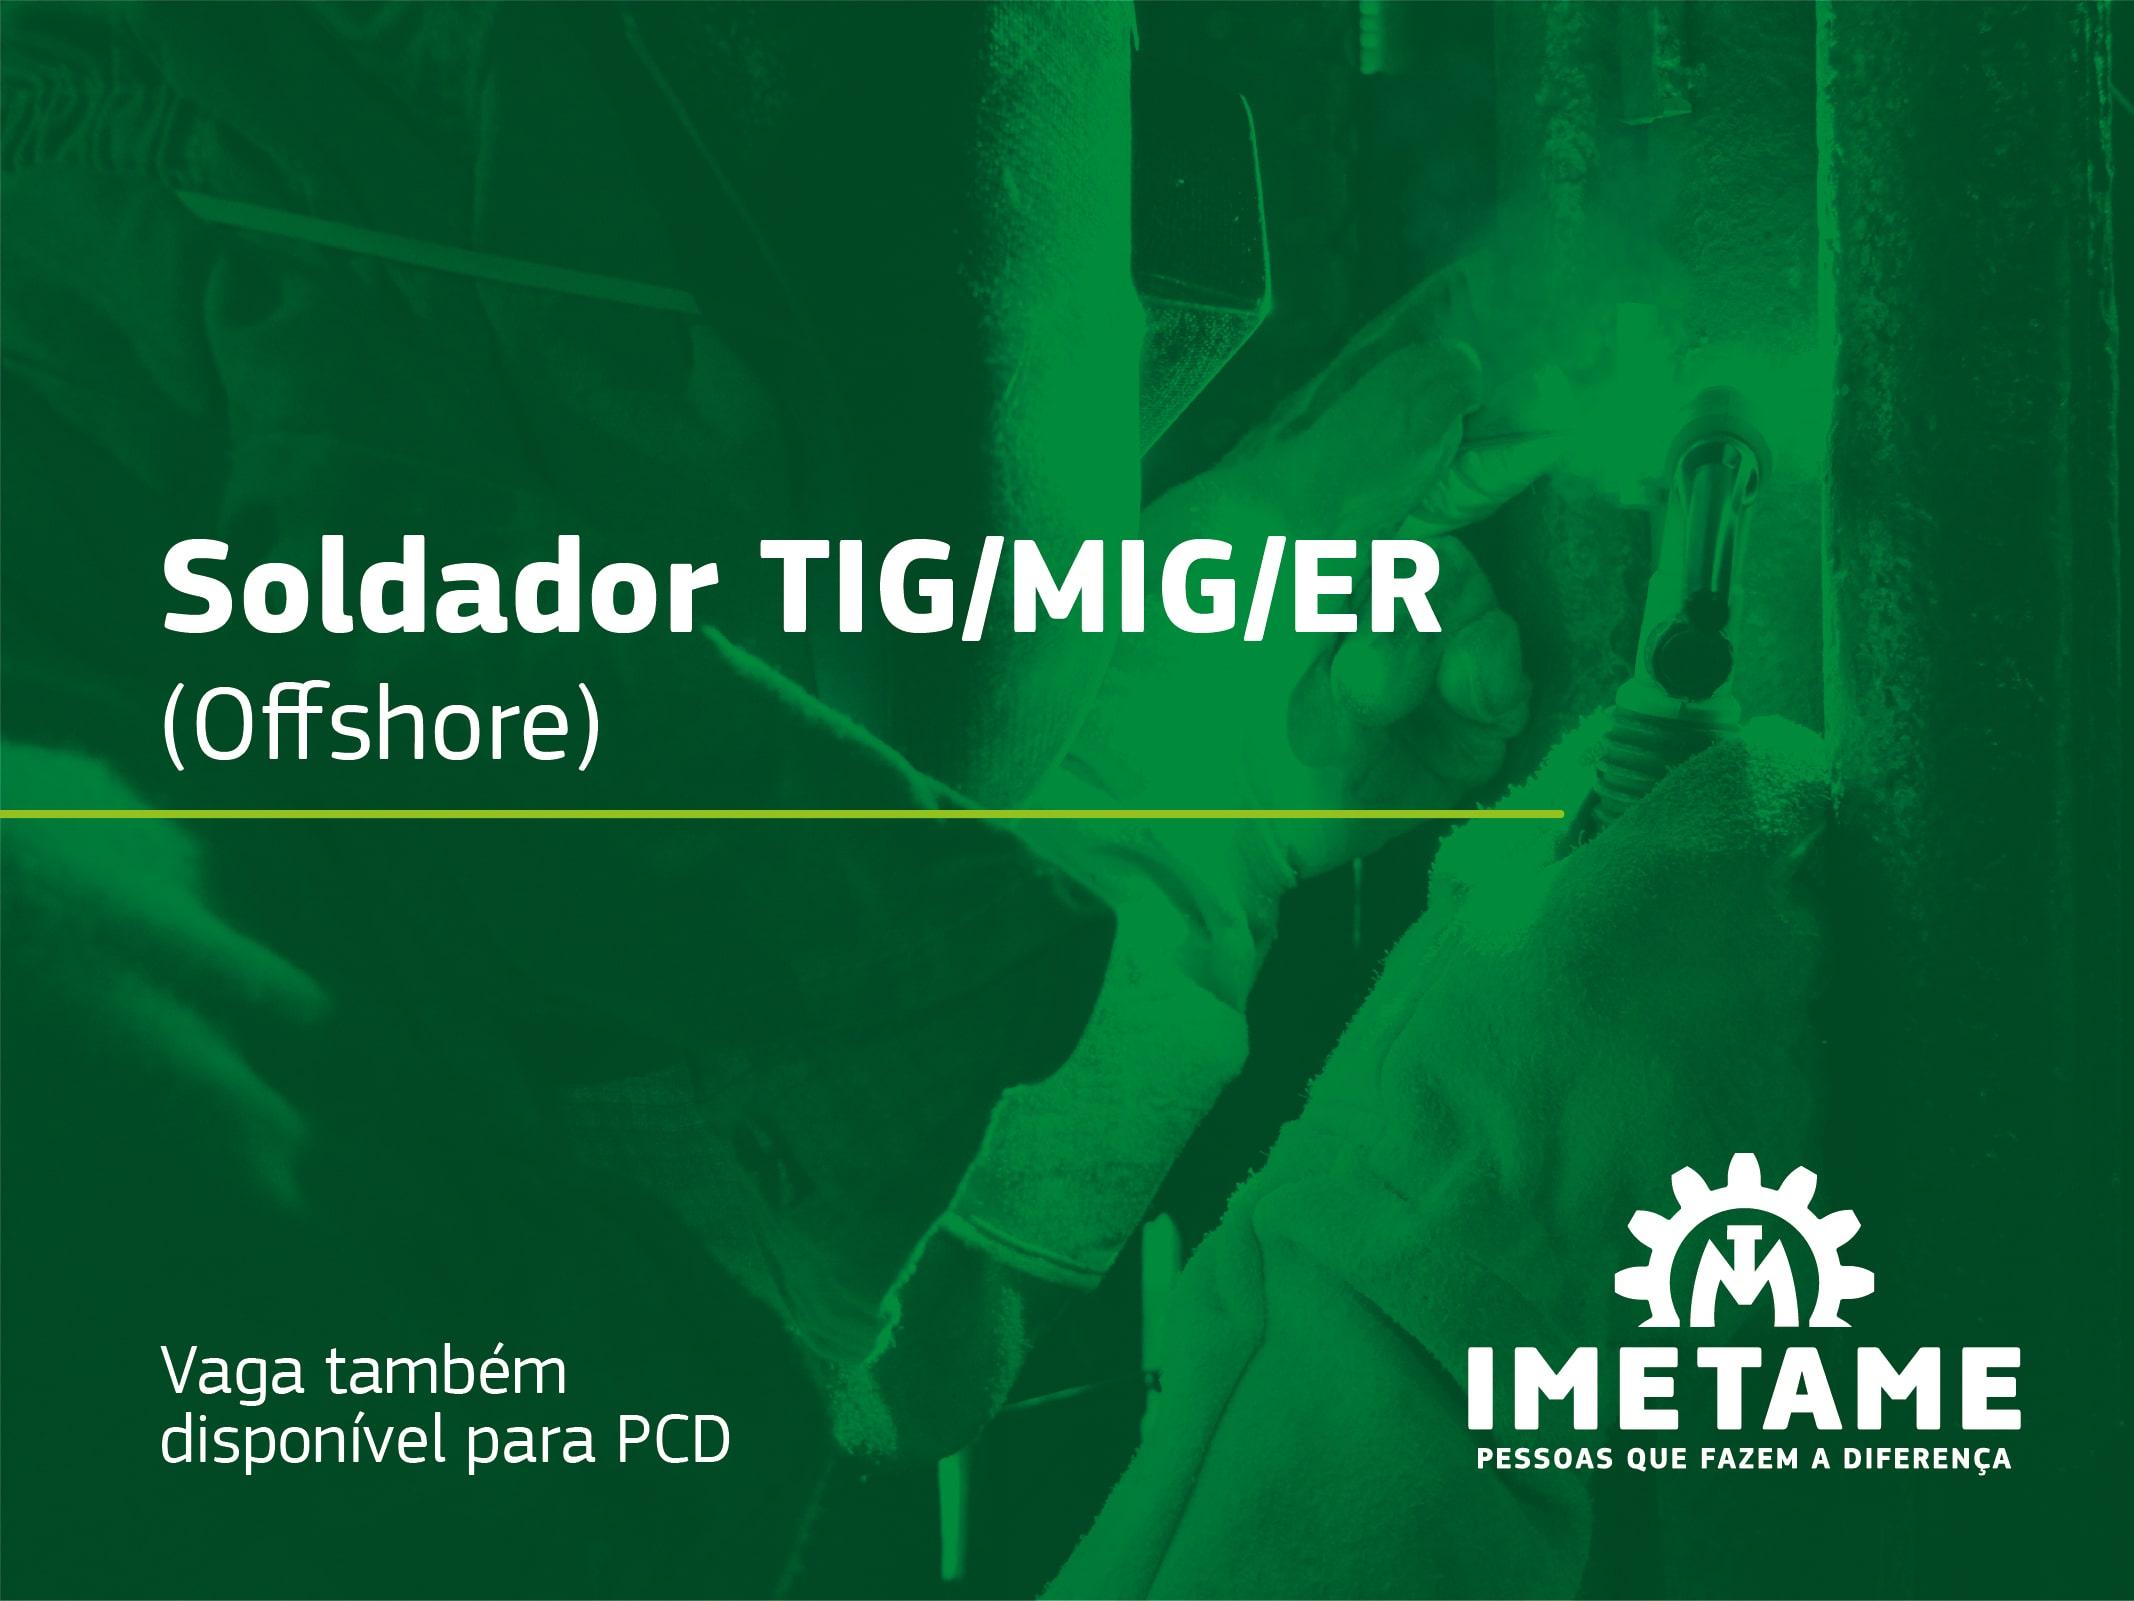 Soldador TIG/MIG/ER – Offshore